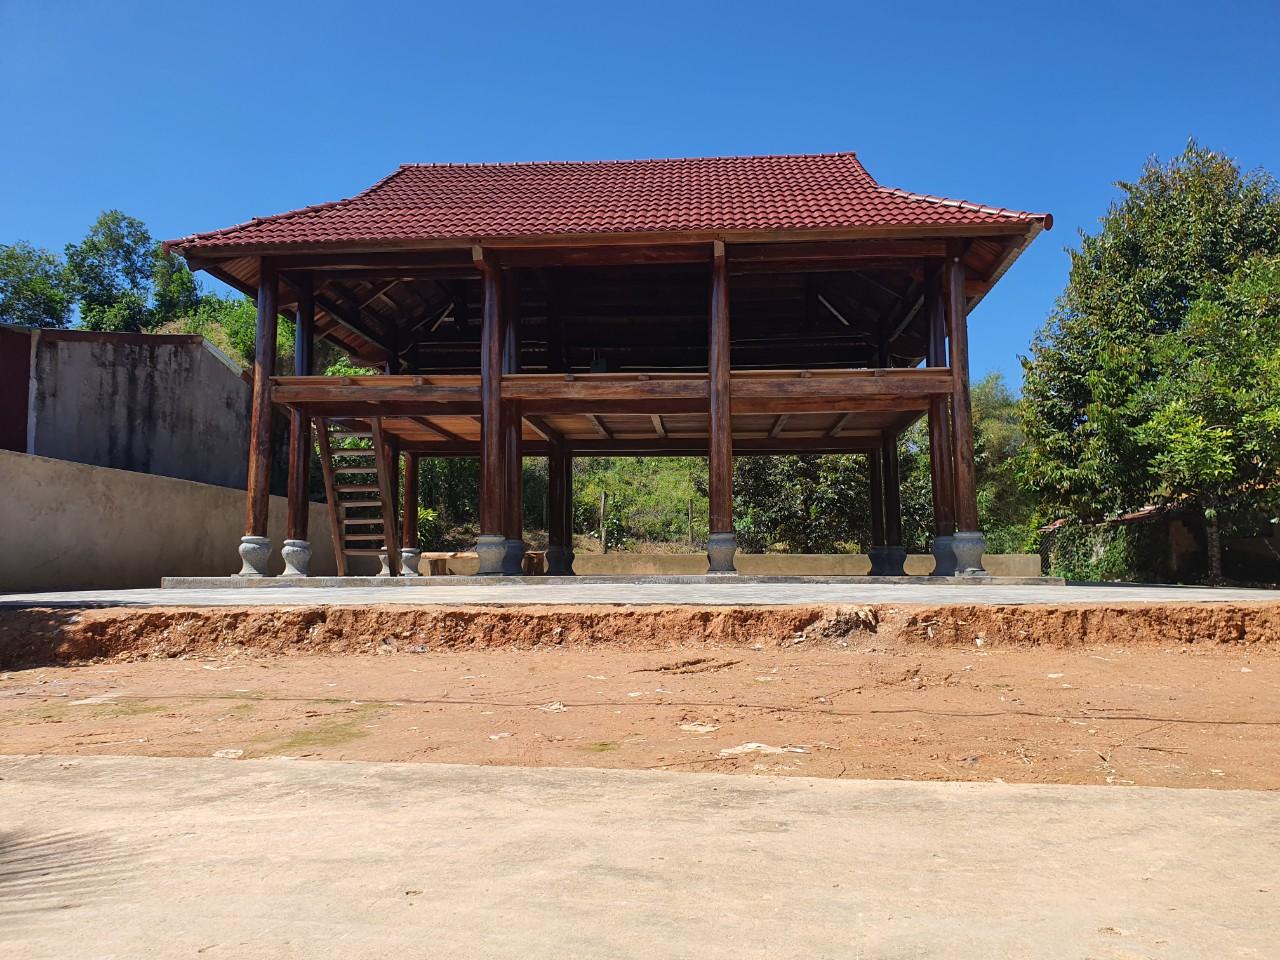 Cần Bán Căn Nhà Gỗ Táu sến.. đường kính cột 35 đến 37 - Cát Tiên Tỉnh Lâm Đồng - Ảnh 4